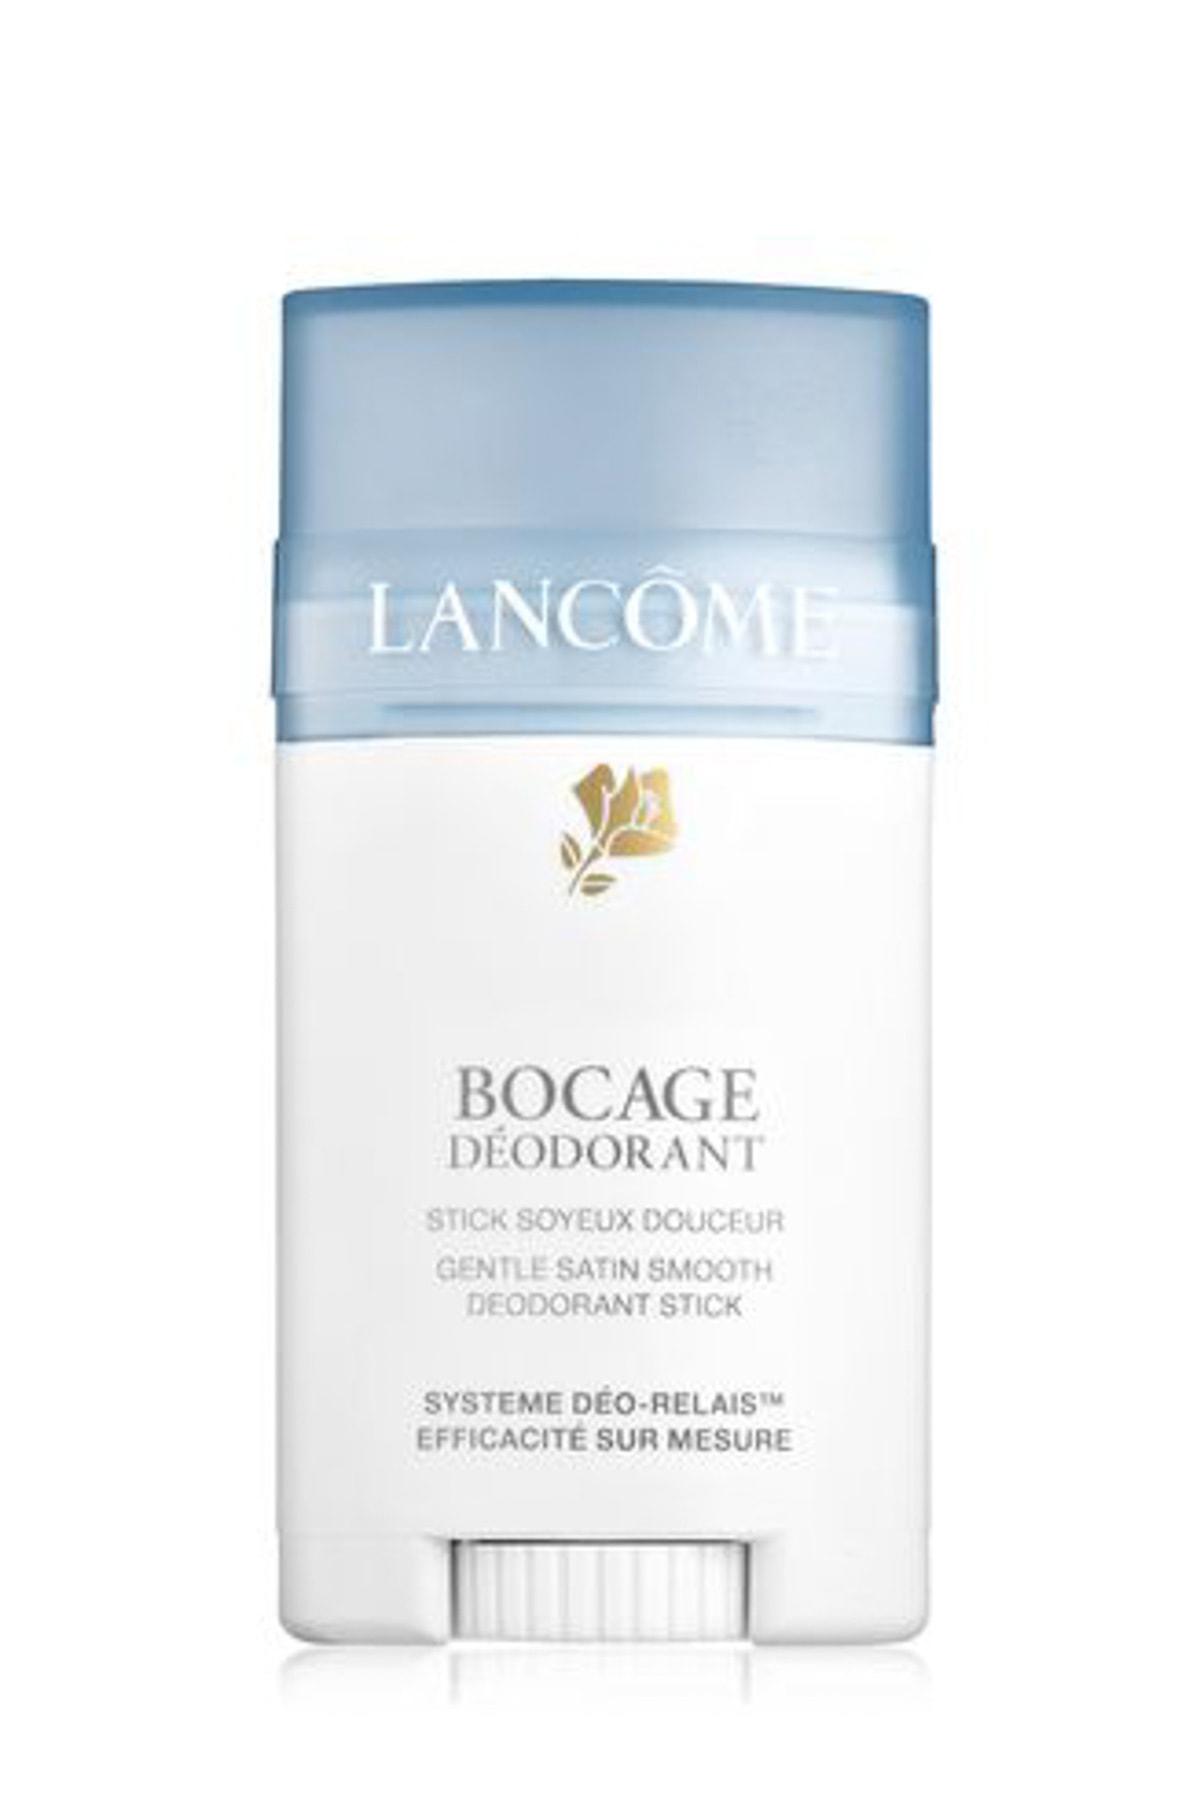 Lancome Bocage Stick Deodorant 40 ml 3147758051193 1